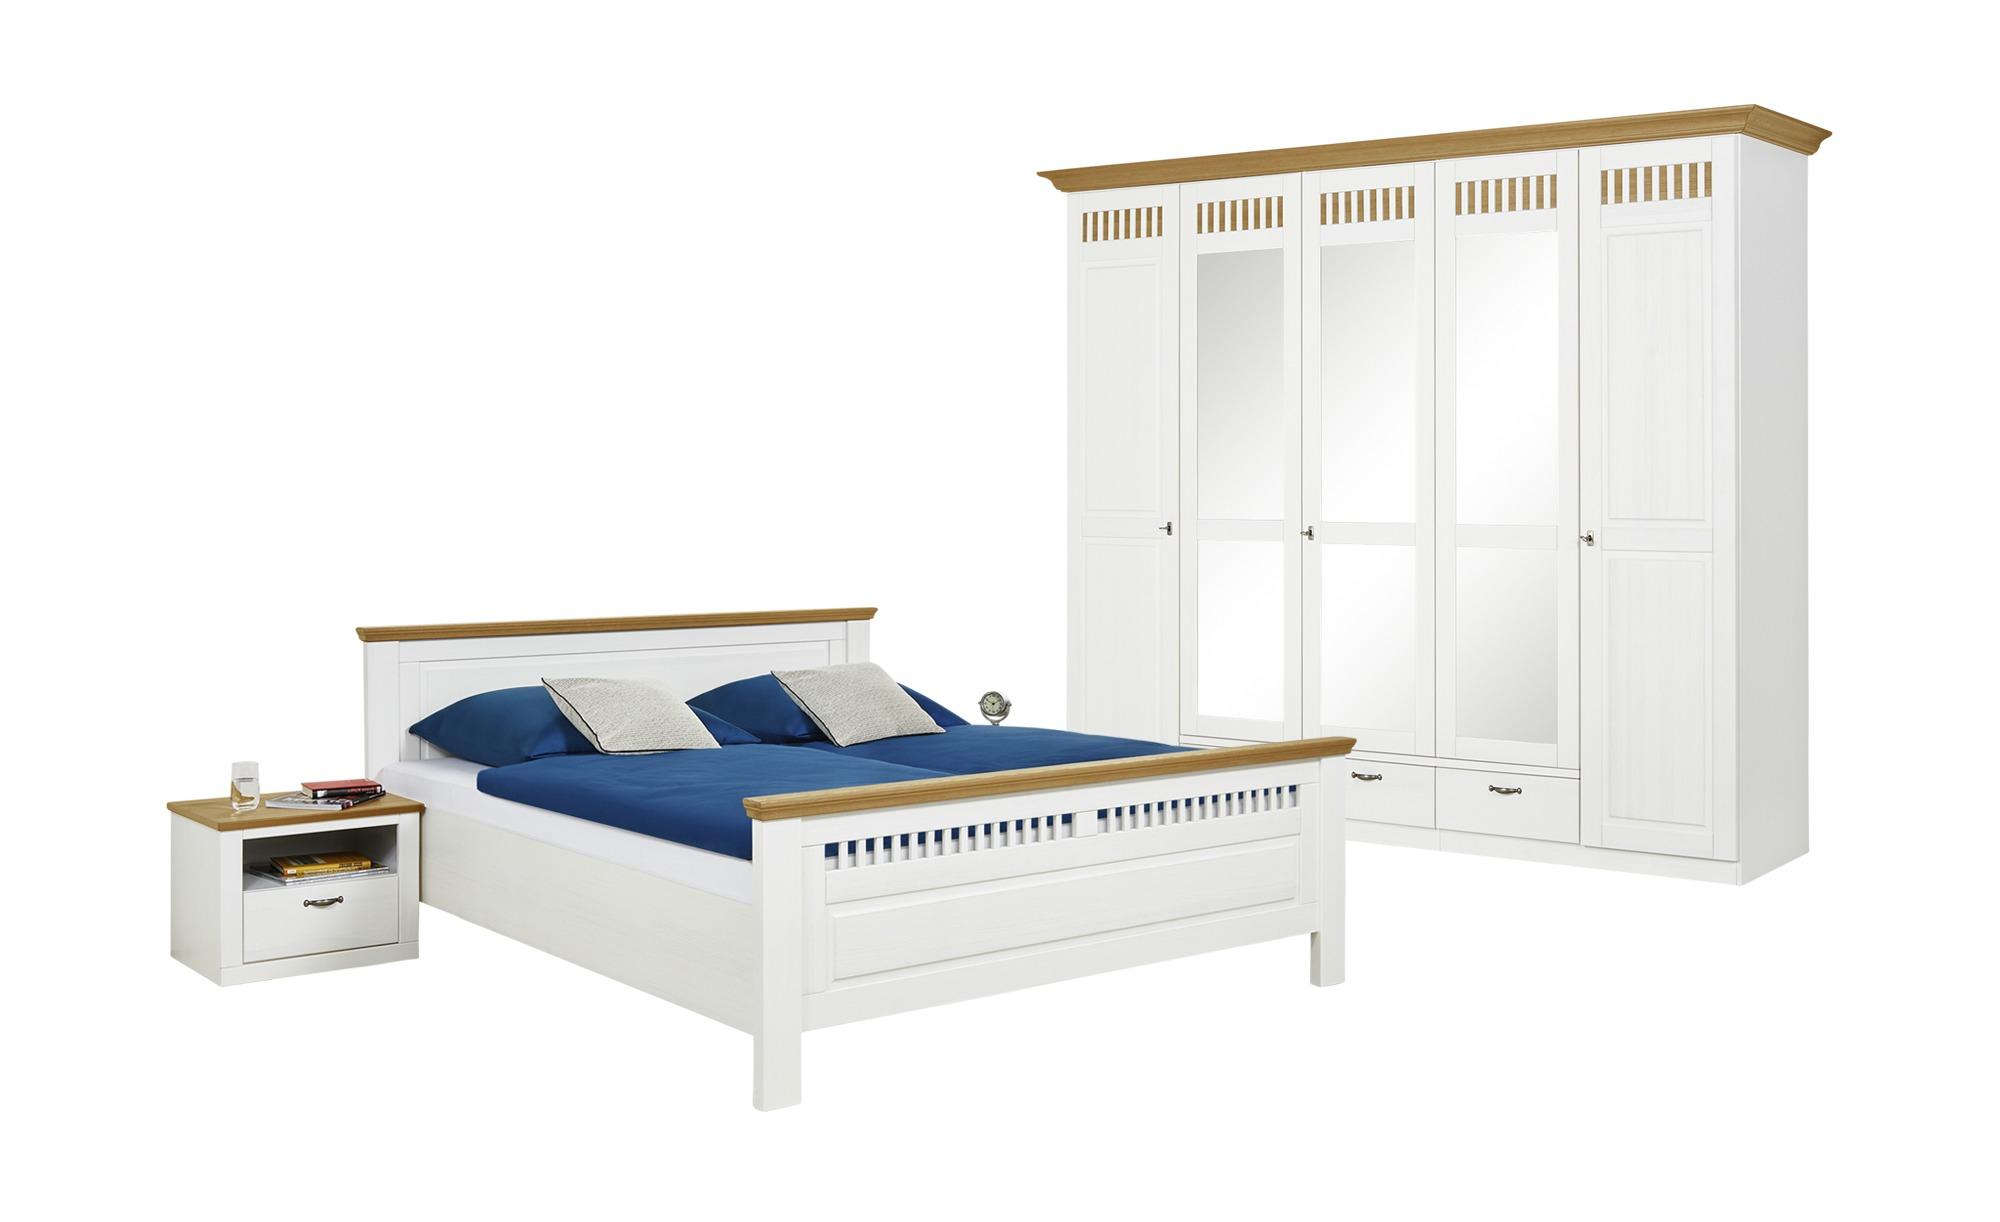 Woodford Schlafzimmer, 4-teilig Monza, gefunden bei Möbel Kraft